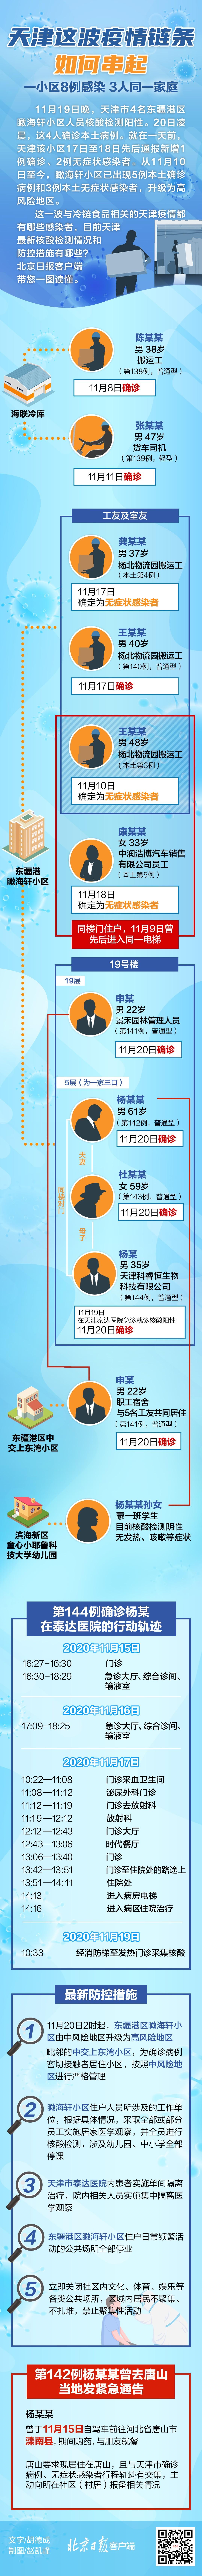 天津这波疫情链条如何串起?一小区现8例感染者